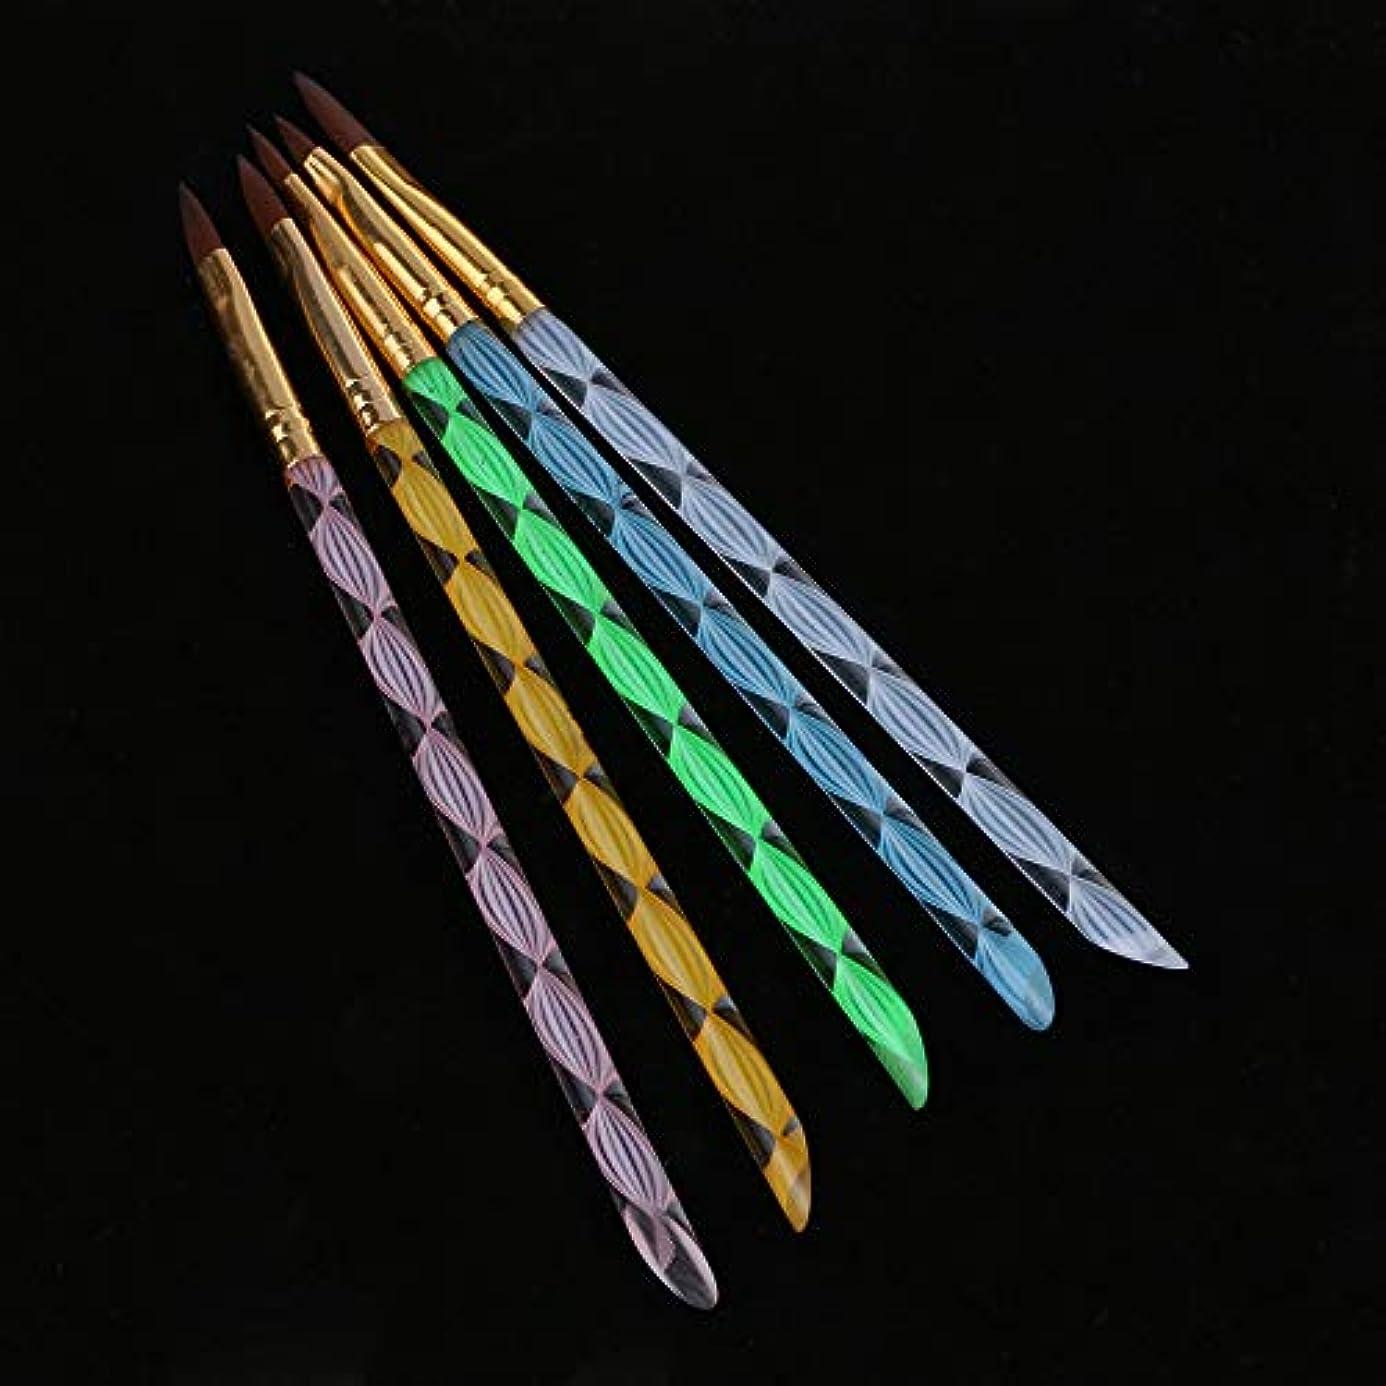 引数全能キリン5PCS UVジェル ネイルアート ブラシ ペイントペンスパイラルネイルデザインクリスタルプロ 使用 家